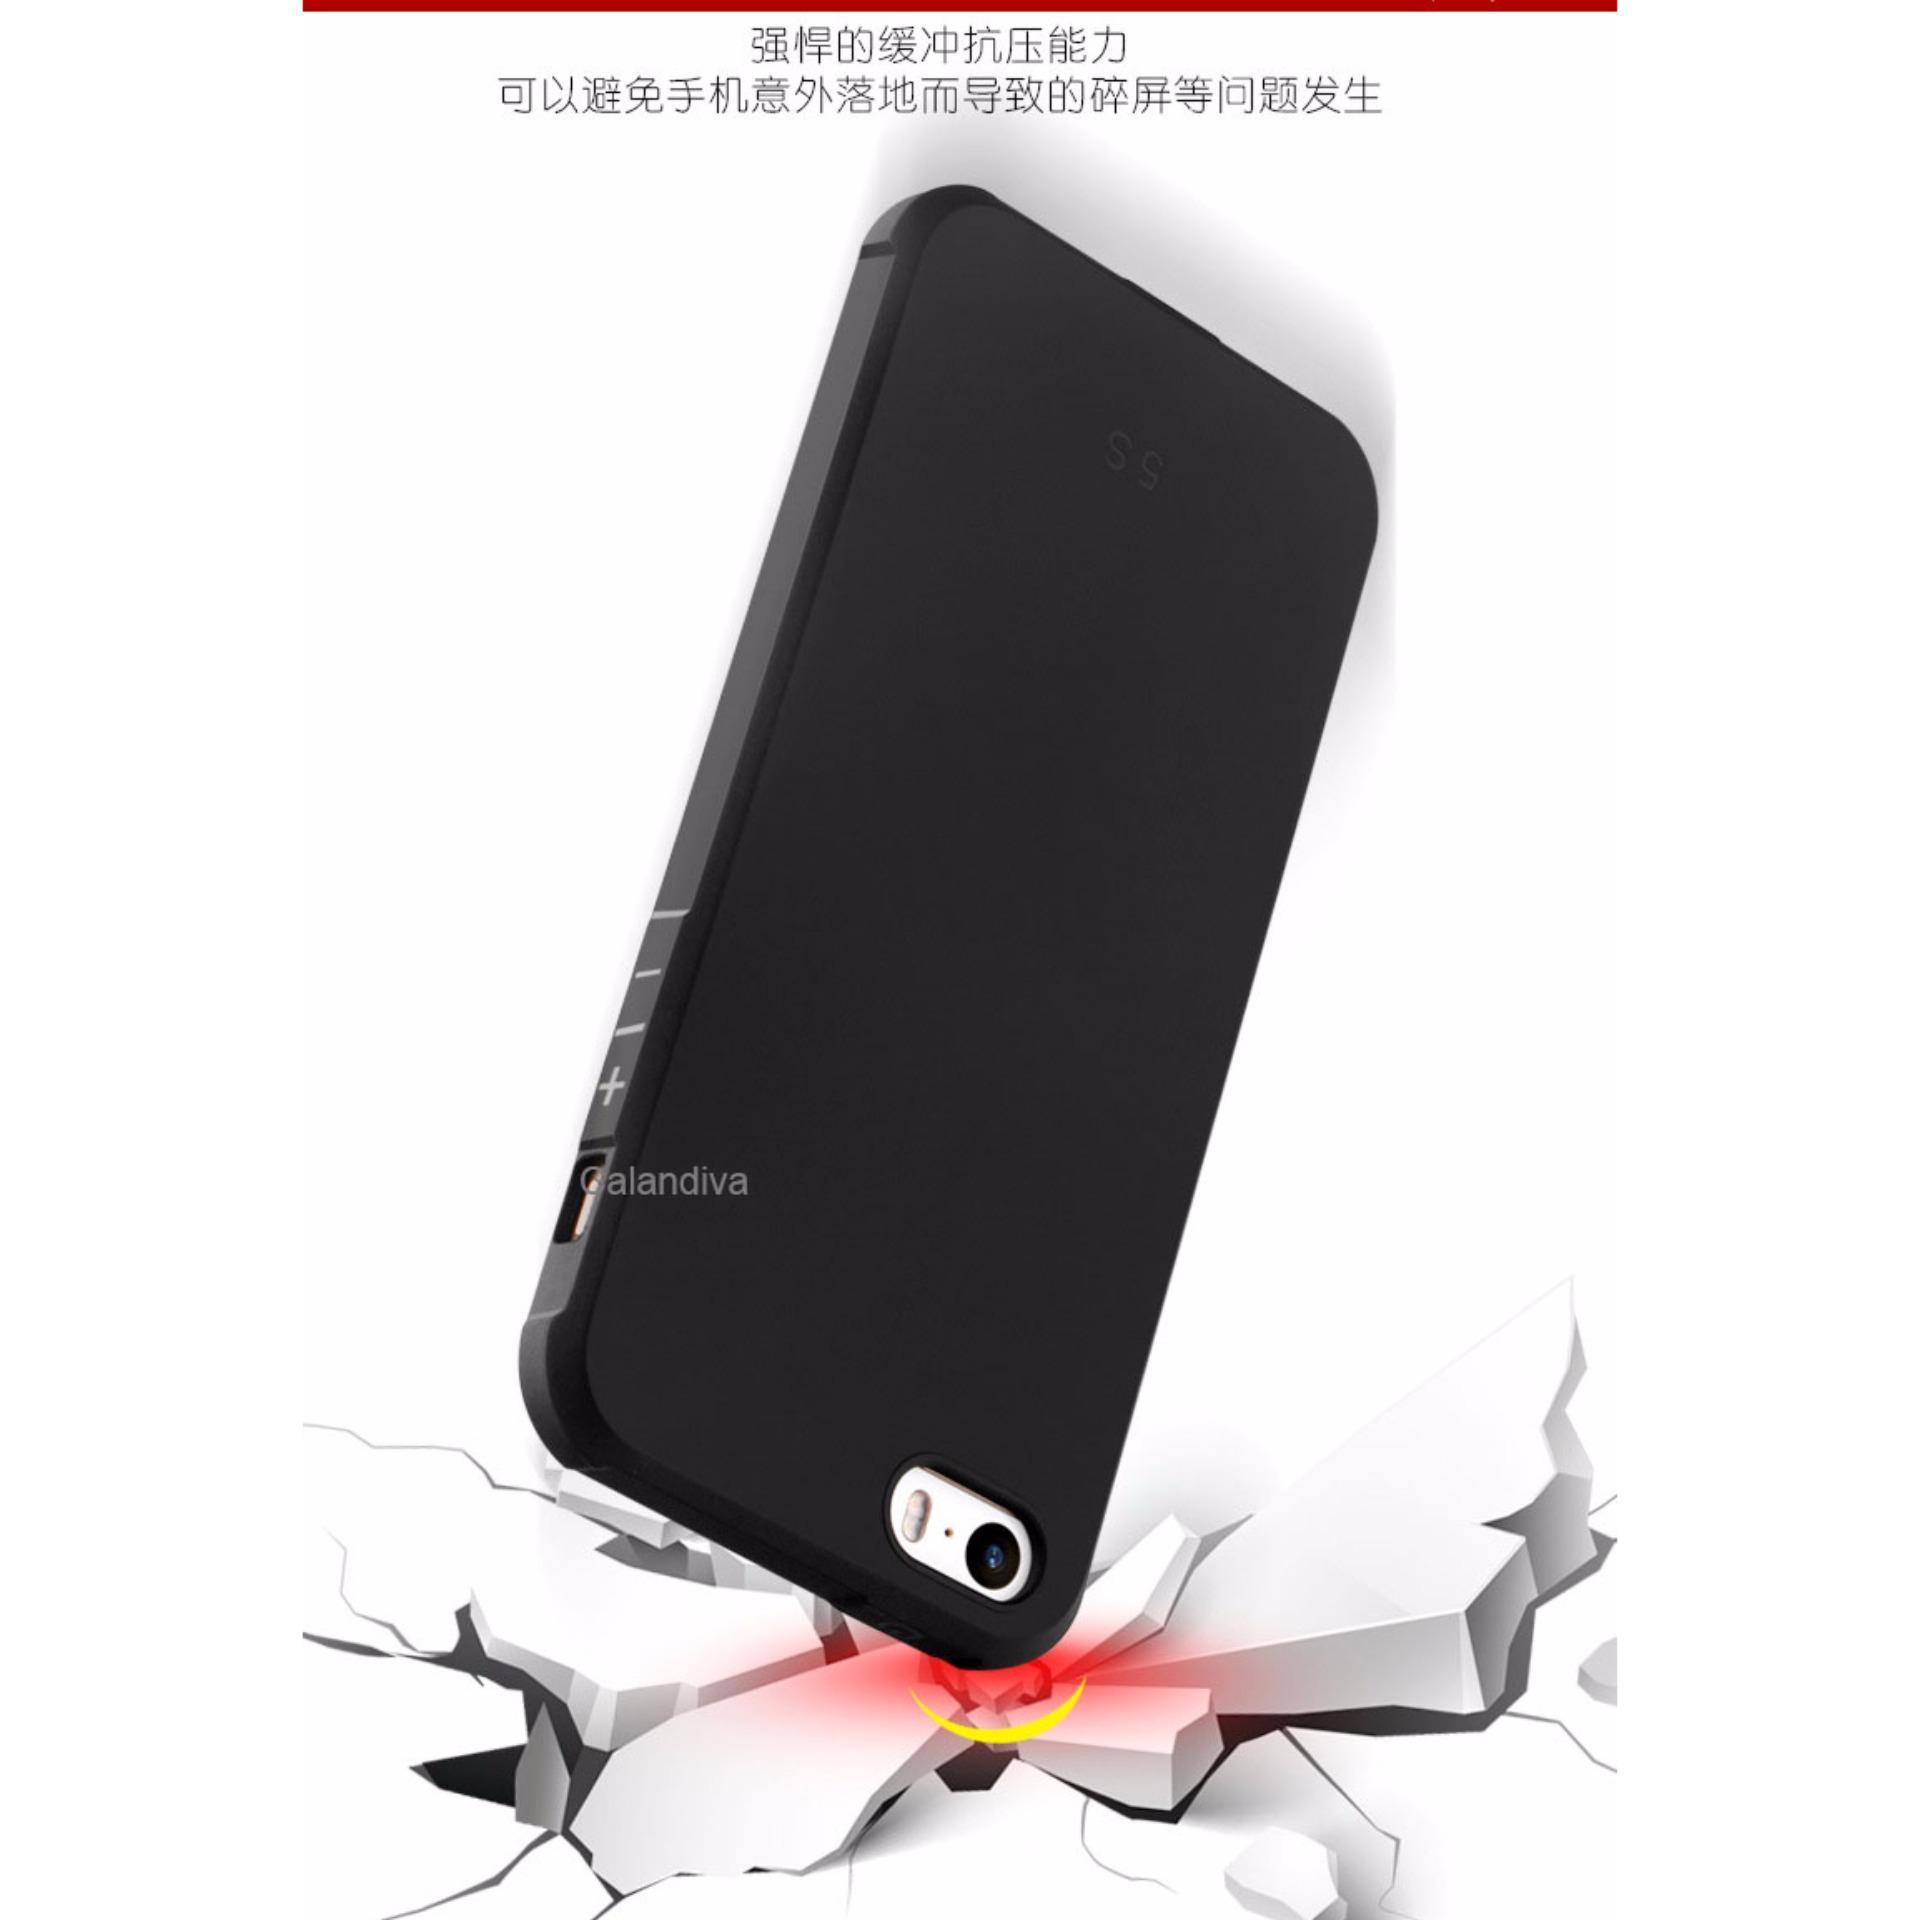 Calandiva Shockproof Hybrid Case for Iphone 5 / 5s / 5 SE 4 .